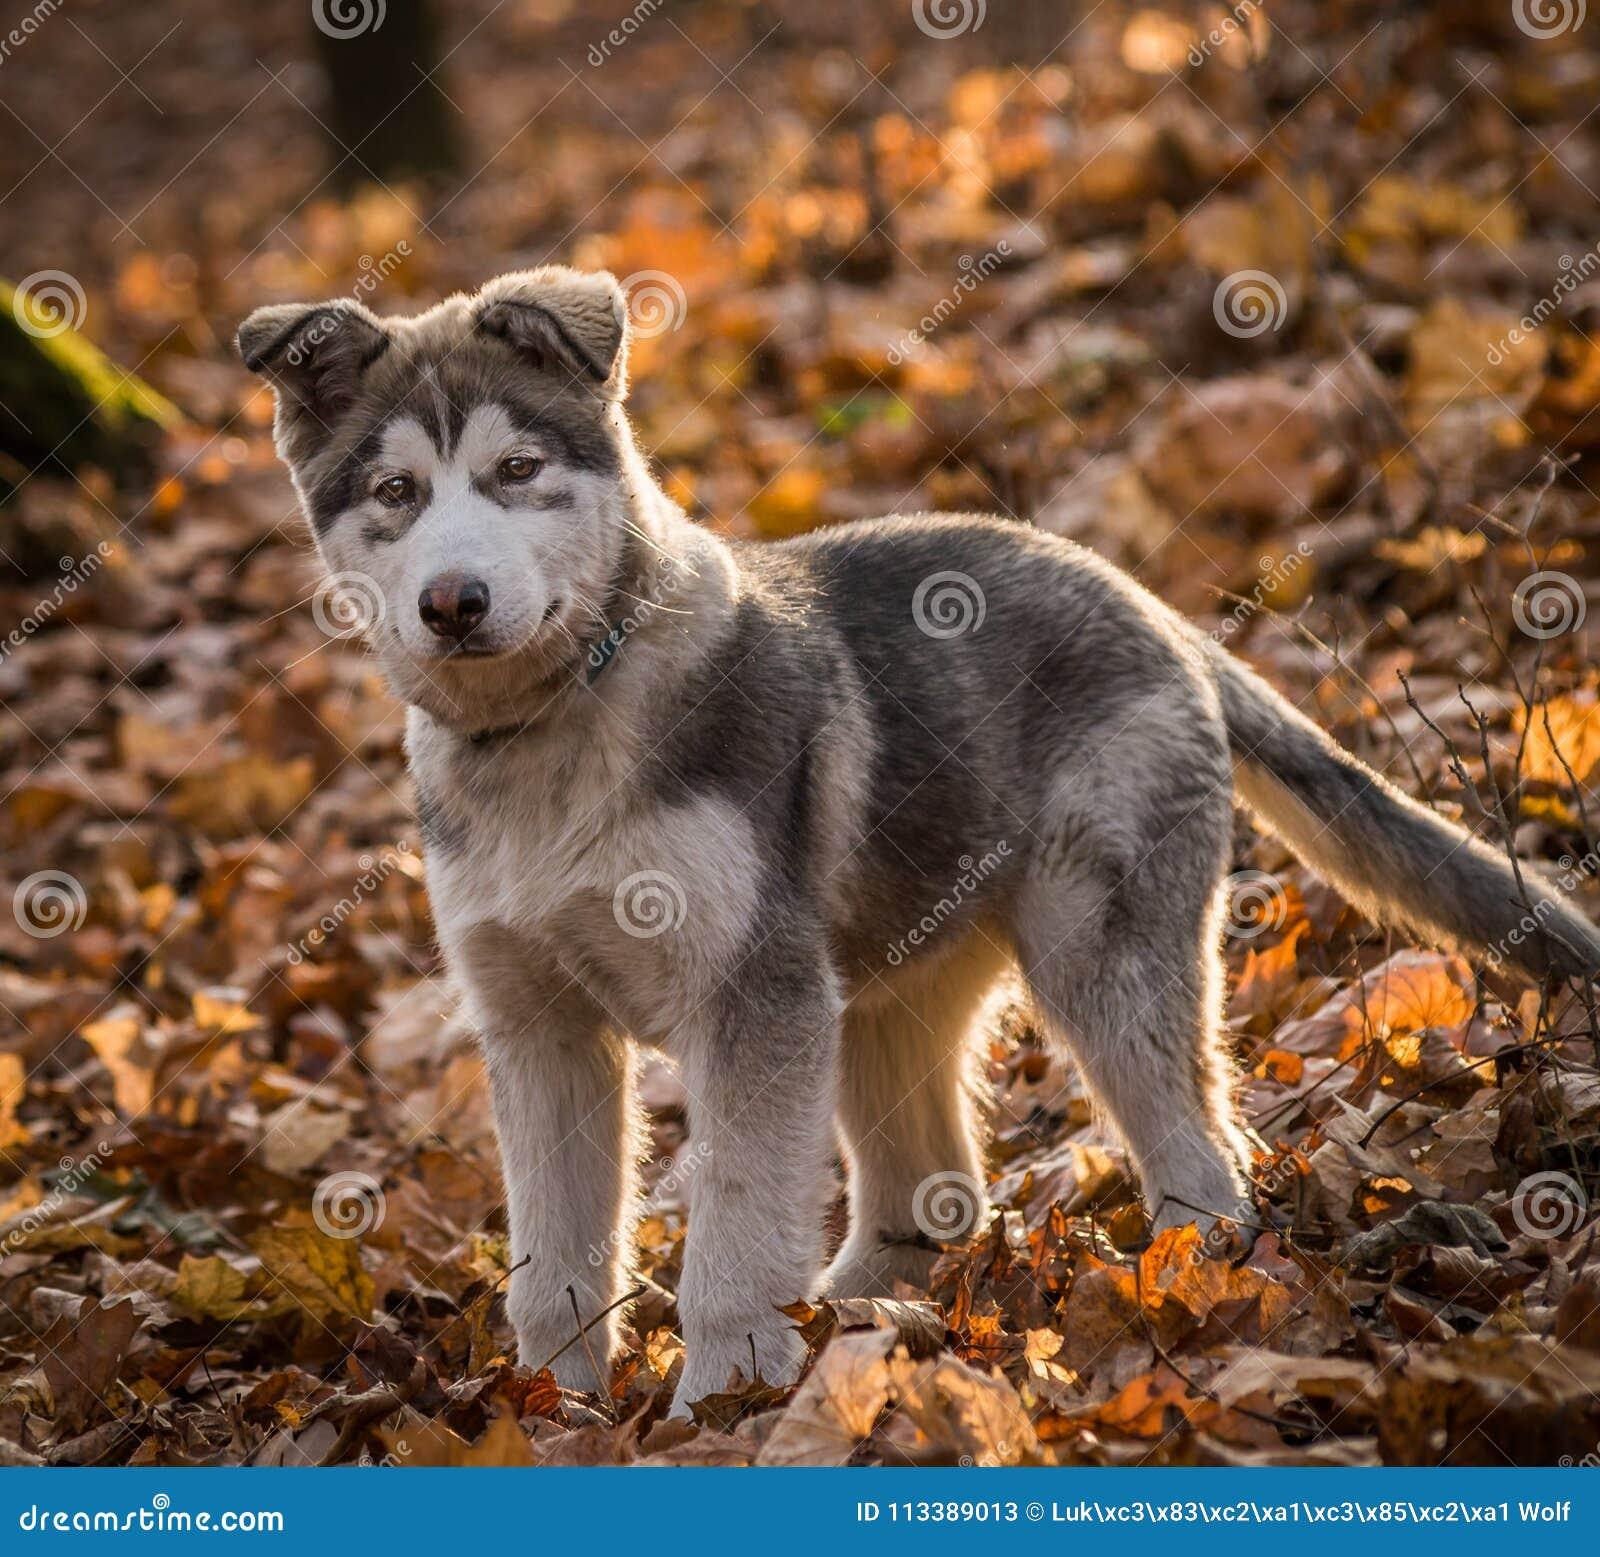 Alaskischer Malamute Pupy Canis Lupus familiaris männlich